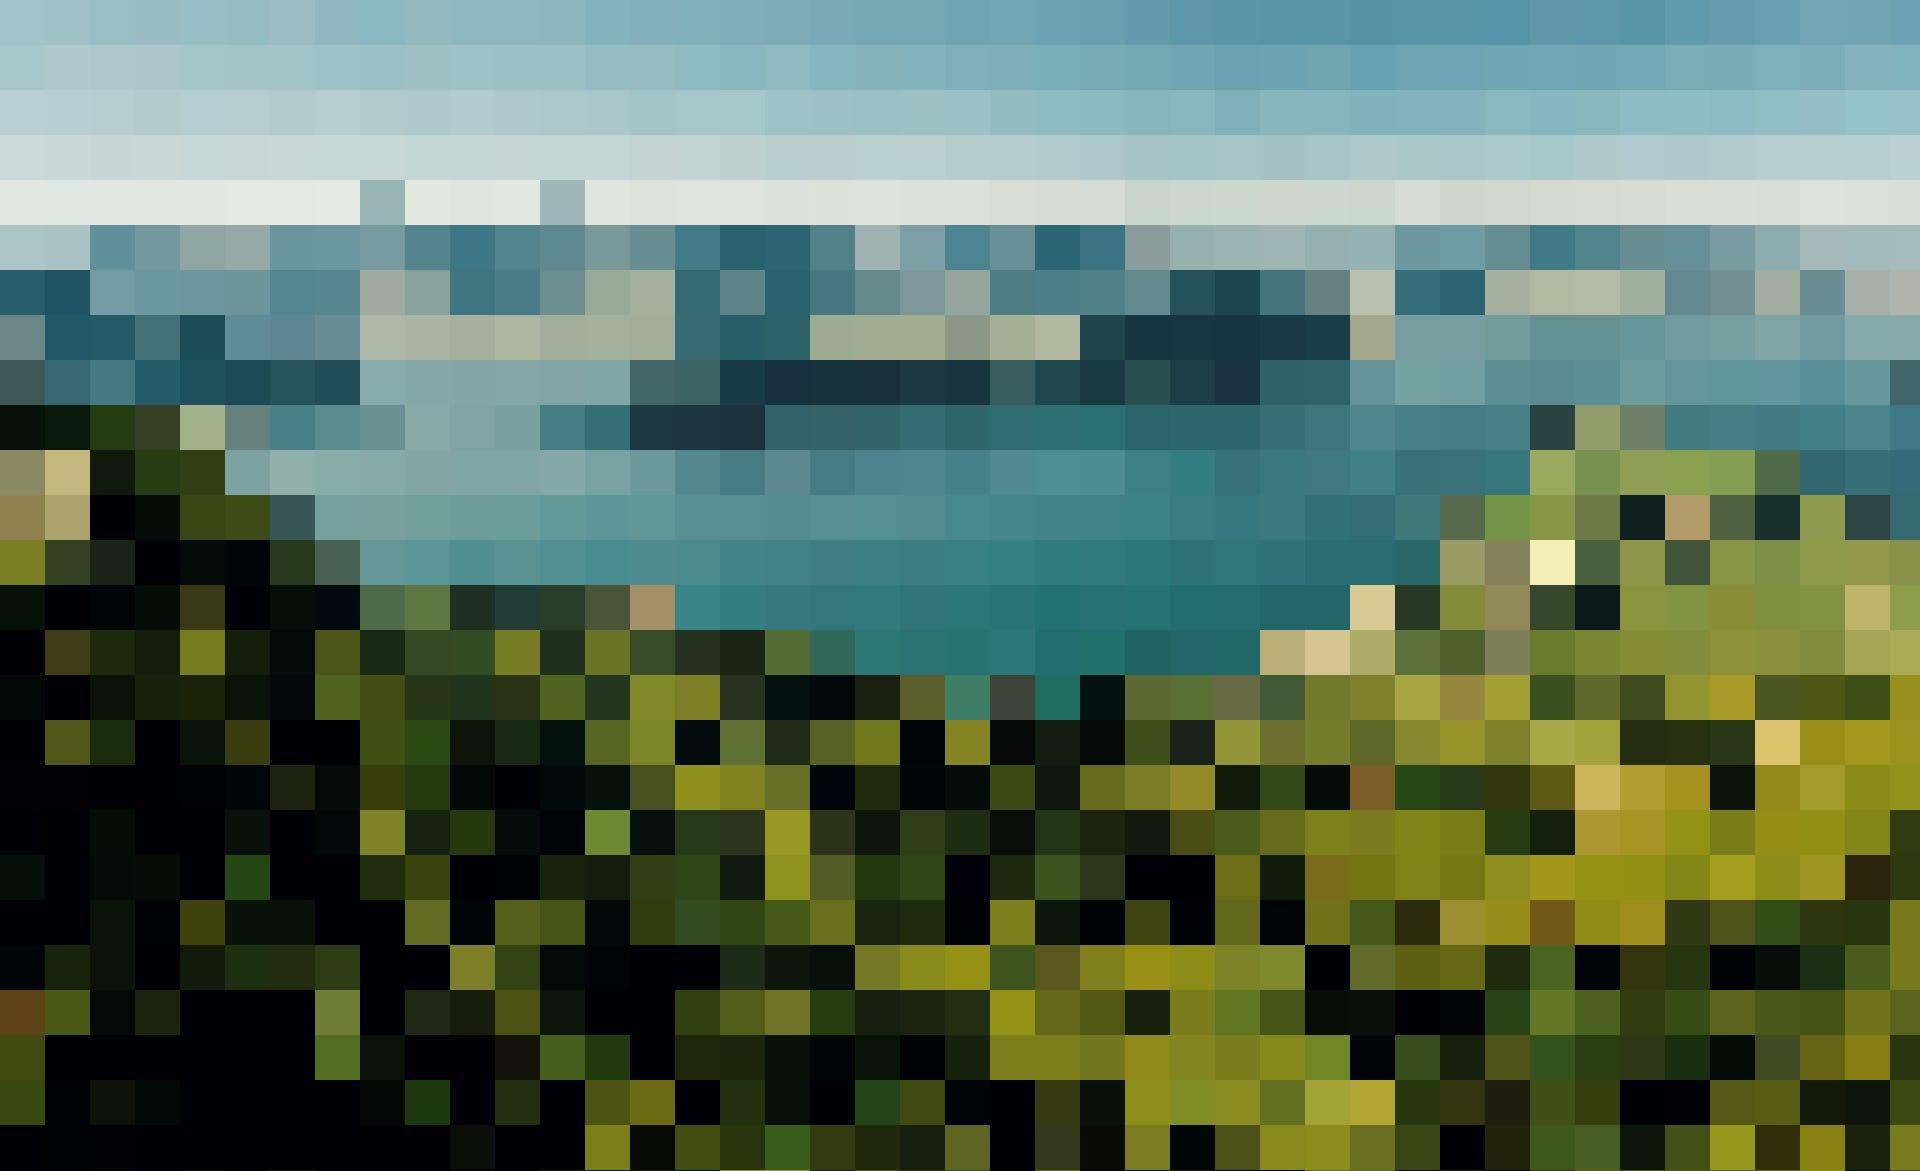 Panoramabild von der Rigi aus beim Känzeli mit dem Vierwaldstättersee, Stanserhorn, Bürgenstock und Pilatus im Hintergrund.